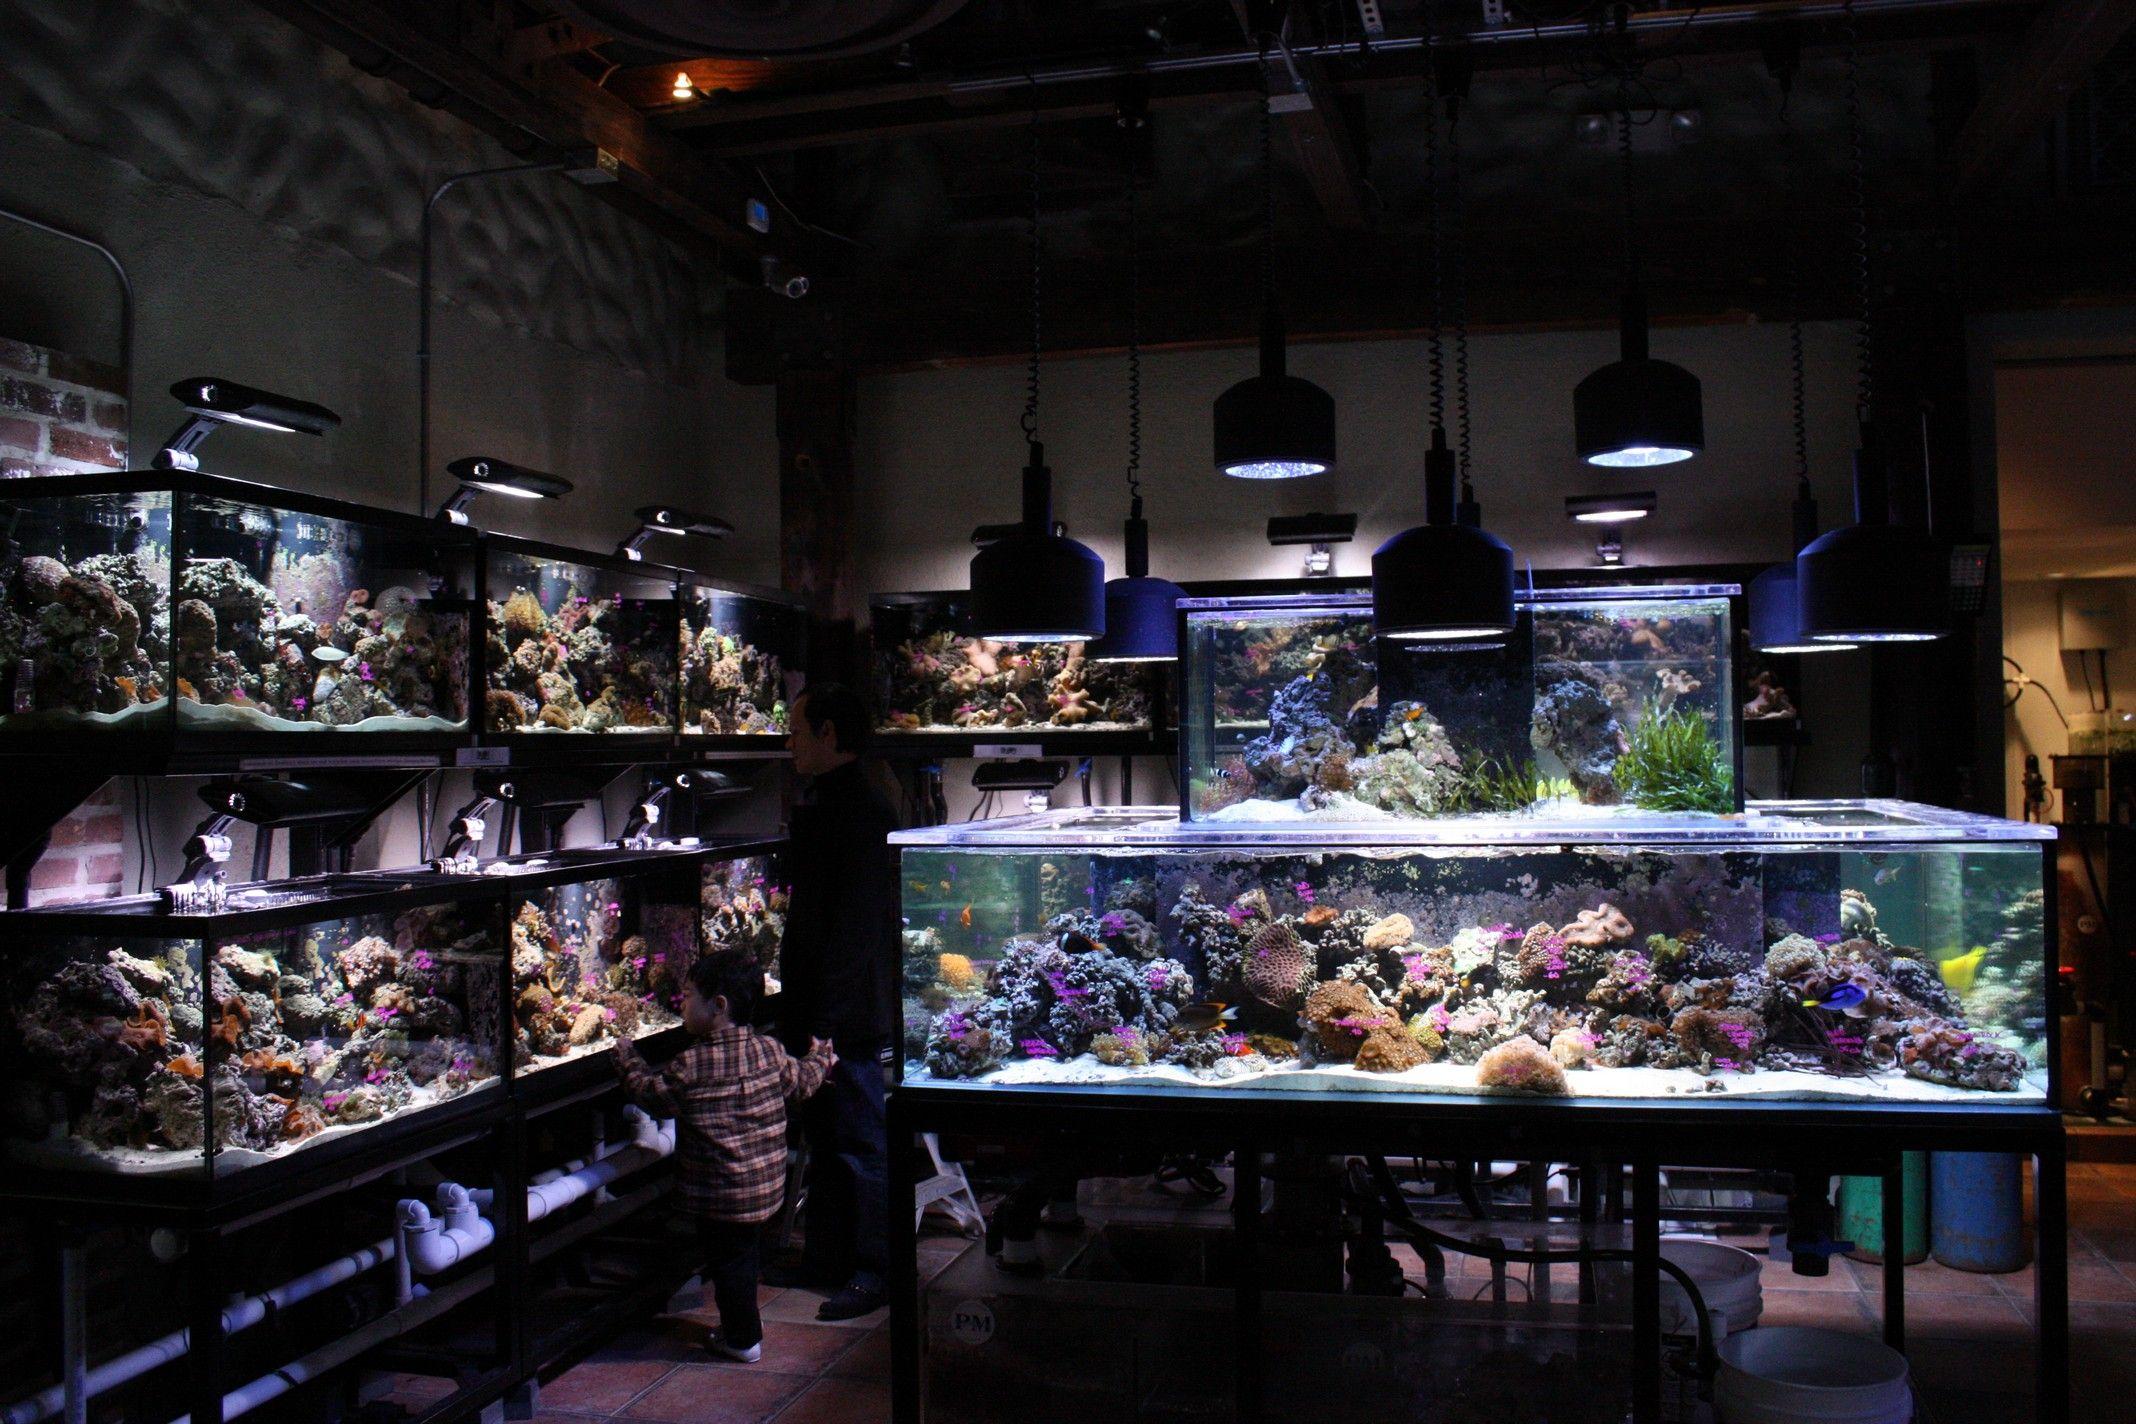 Local Fish Store Mixes Alcohol And Aquariums Aquanerd Aquarium Fish Gallery Aquarium Store